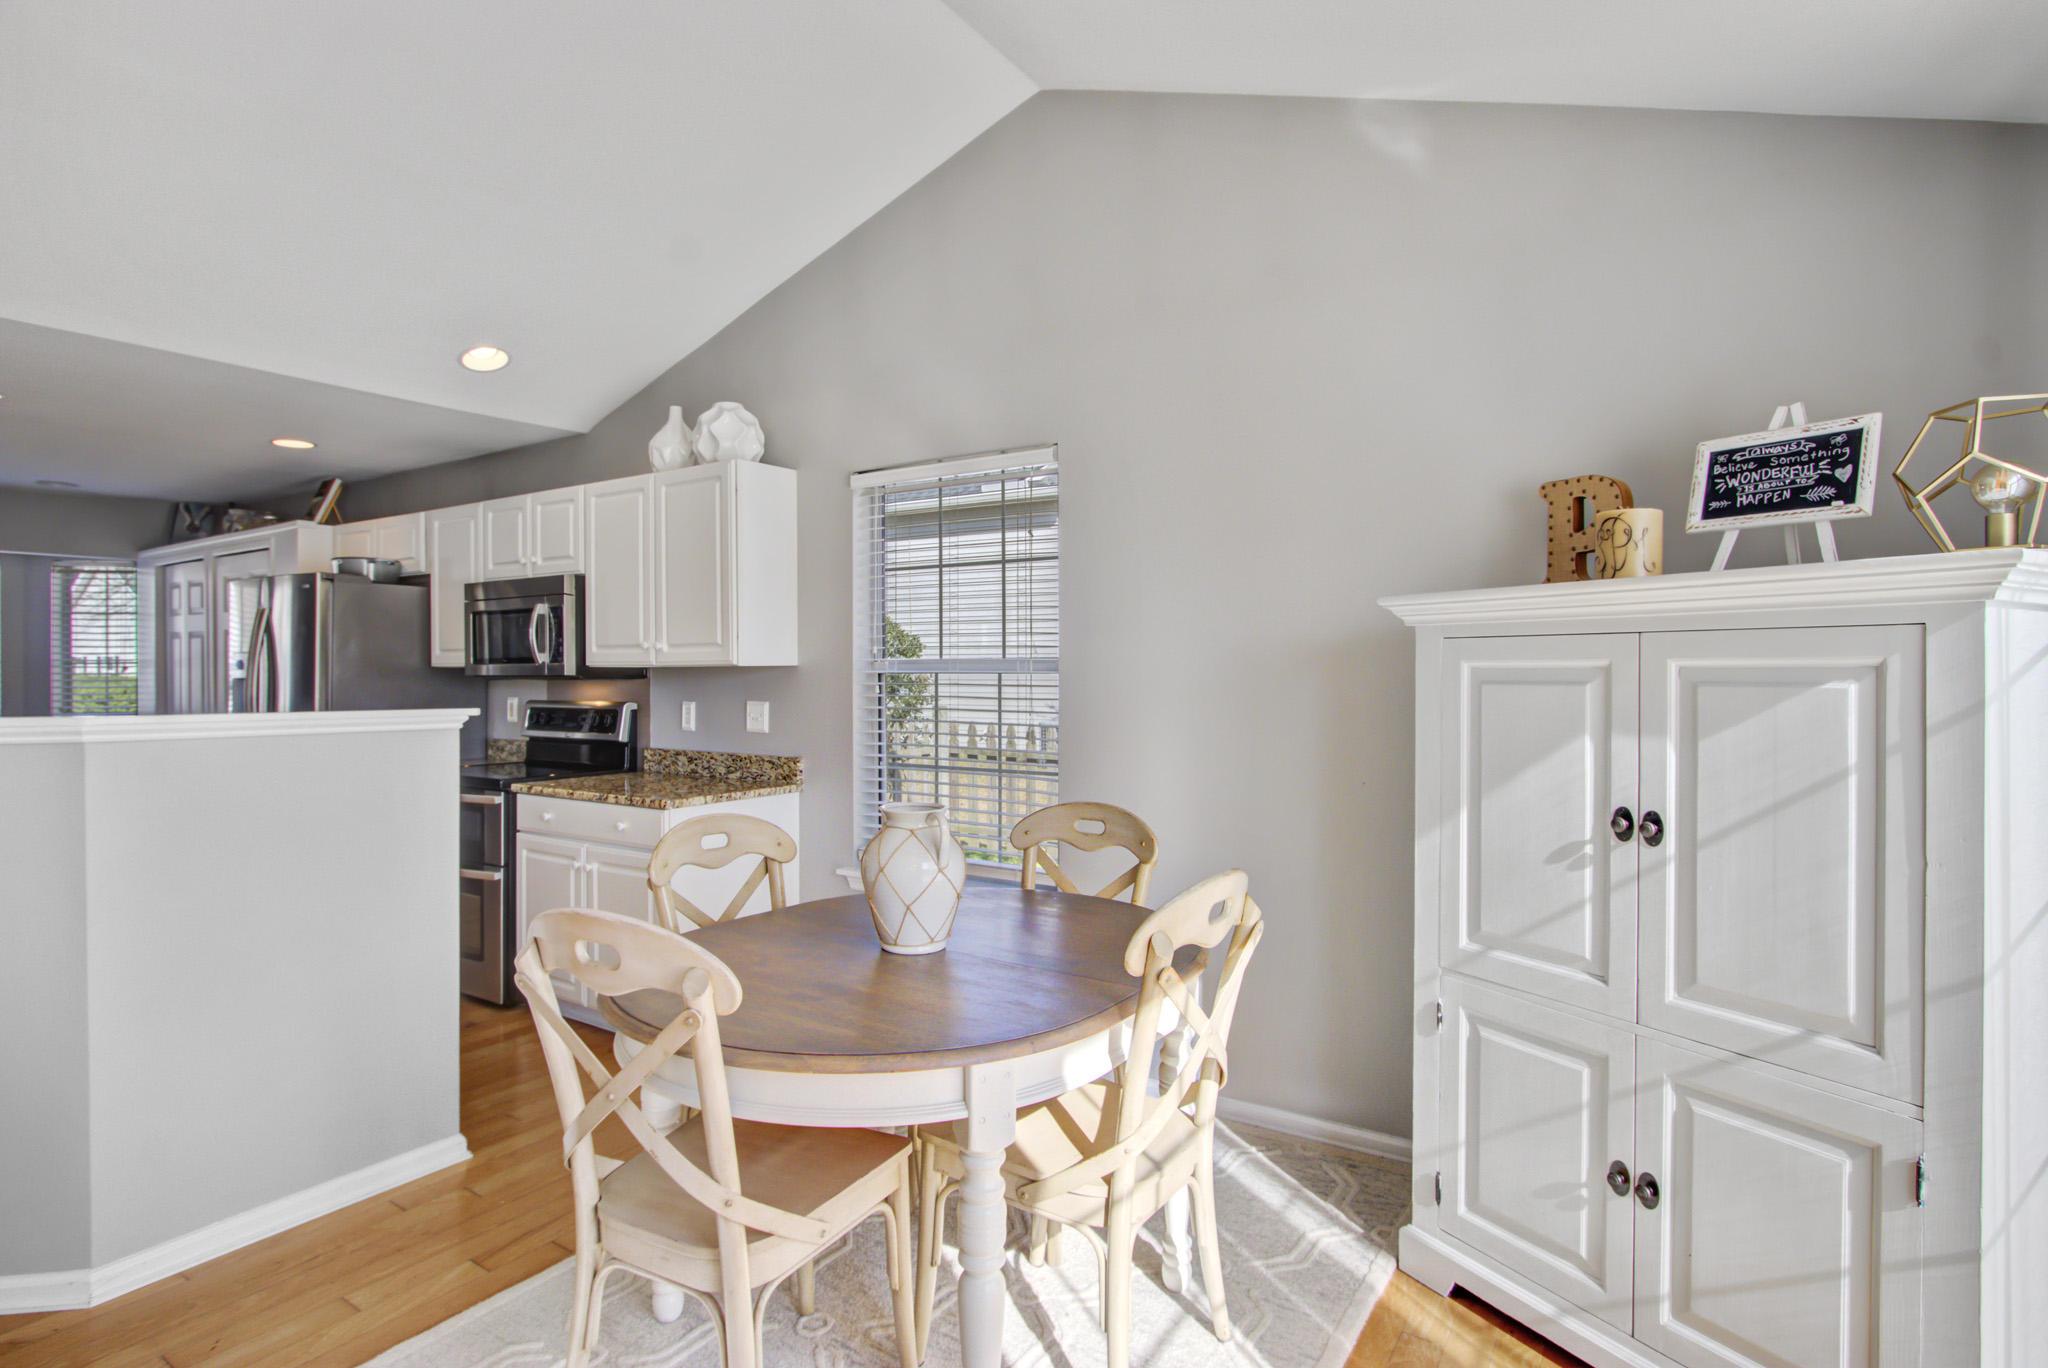 Dunes West Homes For Sale - 1425 Water Oak Cut, Mount Pleasant, SC - 24